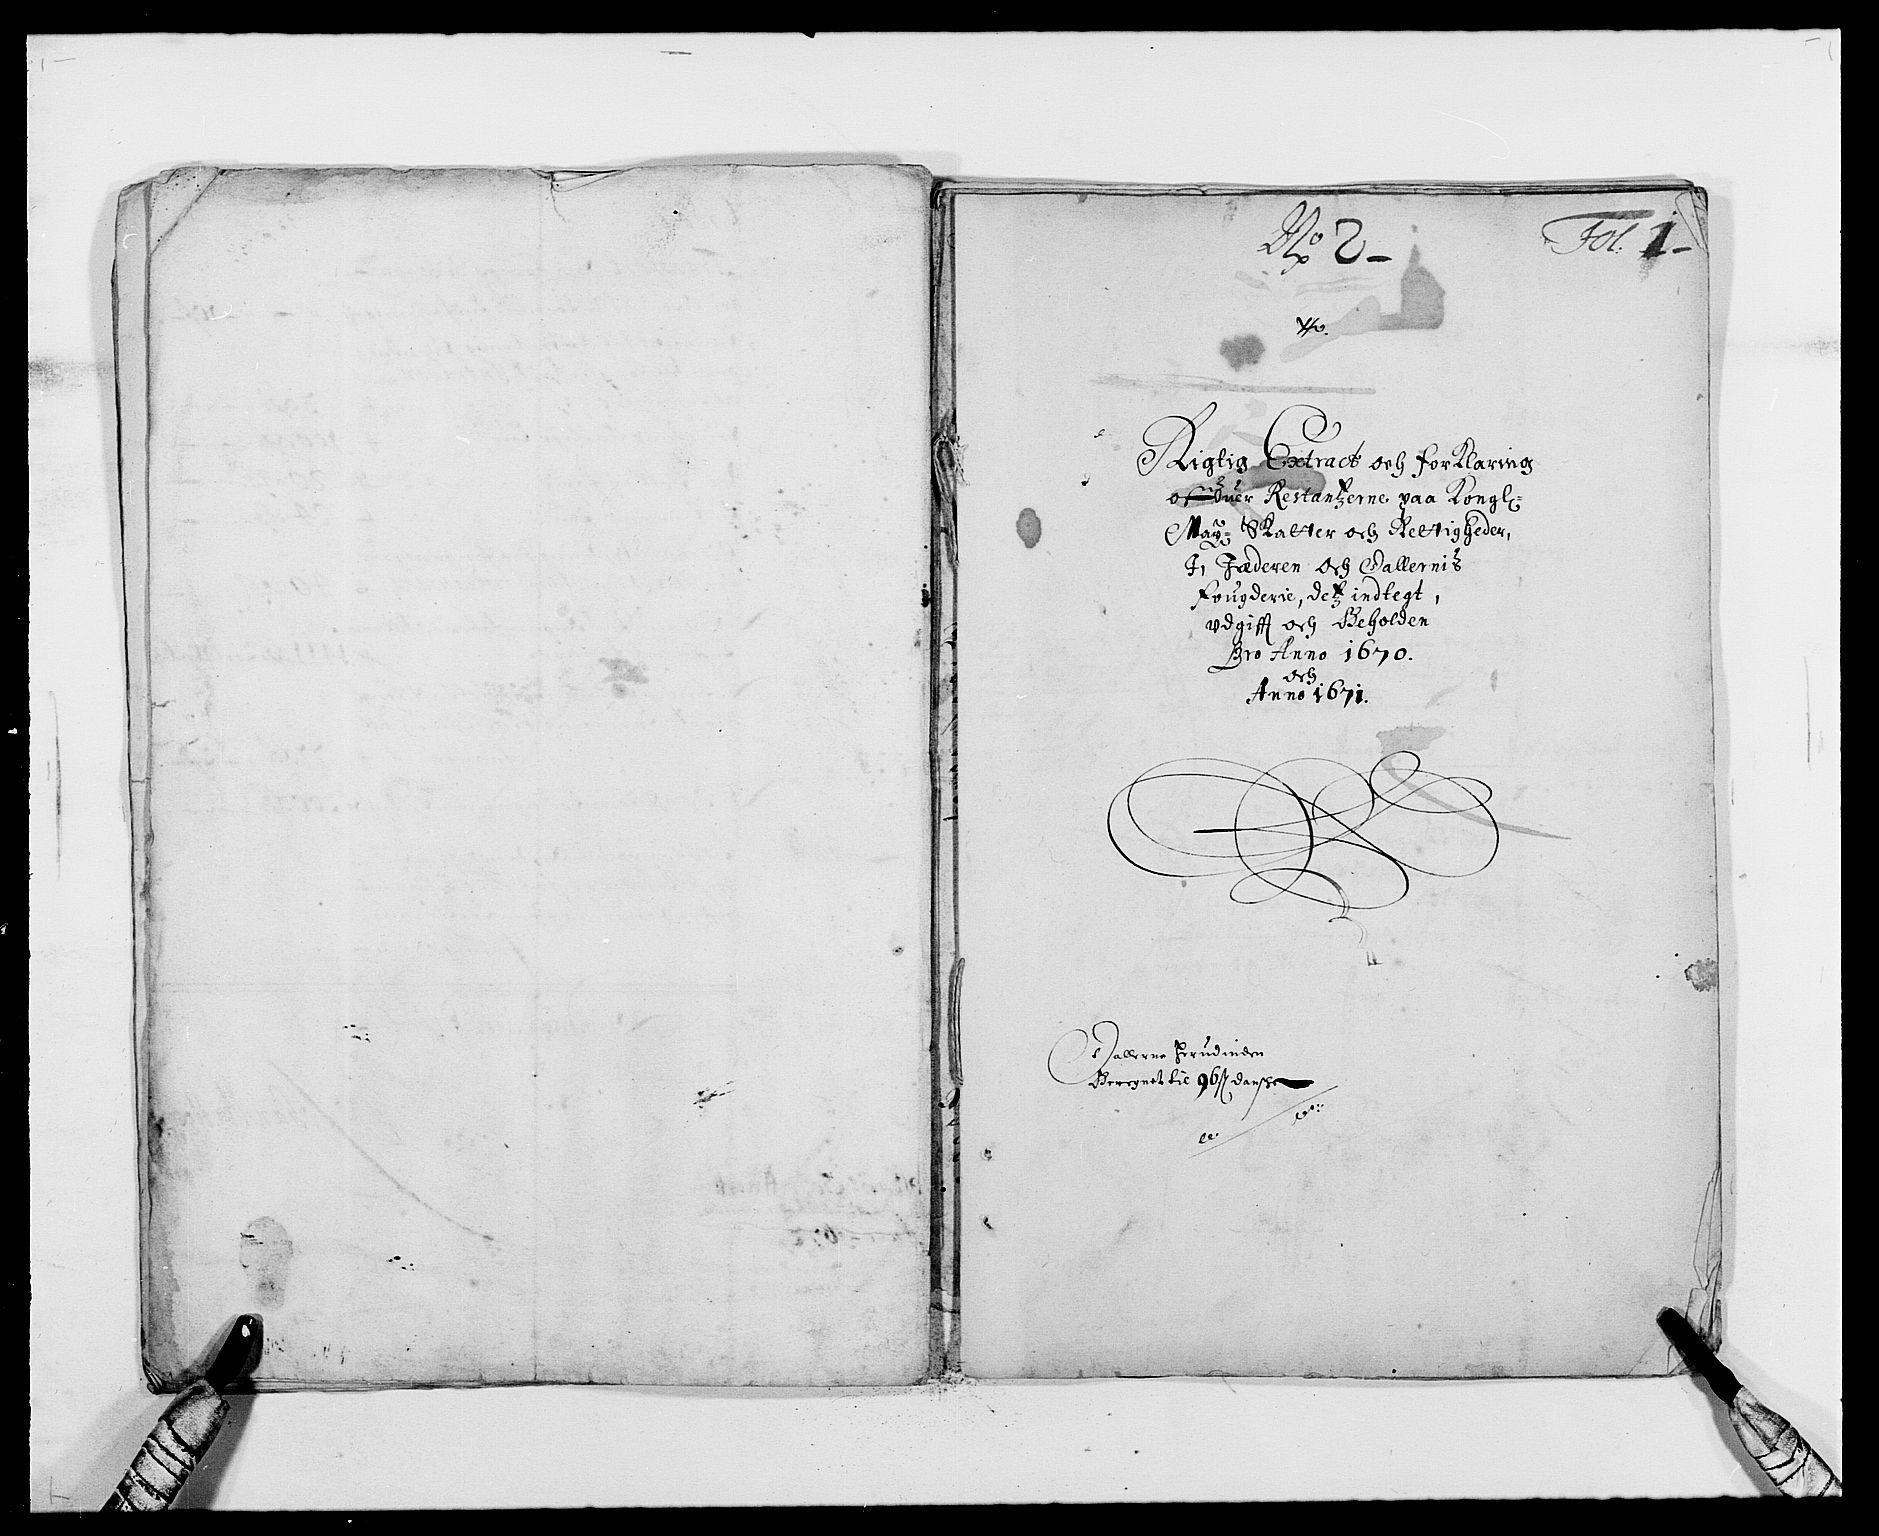 RA, Rentekammeret inntil 1814, Reviderte regnskaper, Fogderegnskap, R46/L2713: Fogderegnskap Jæren og Dalane, 1671-1672, s. 189